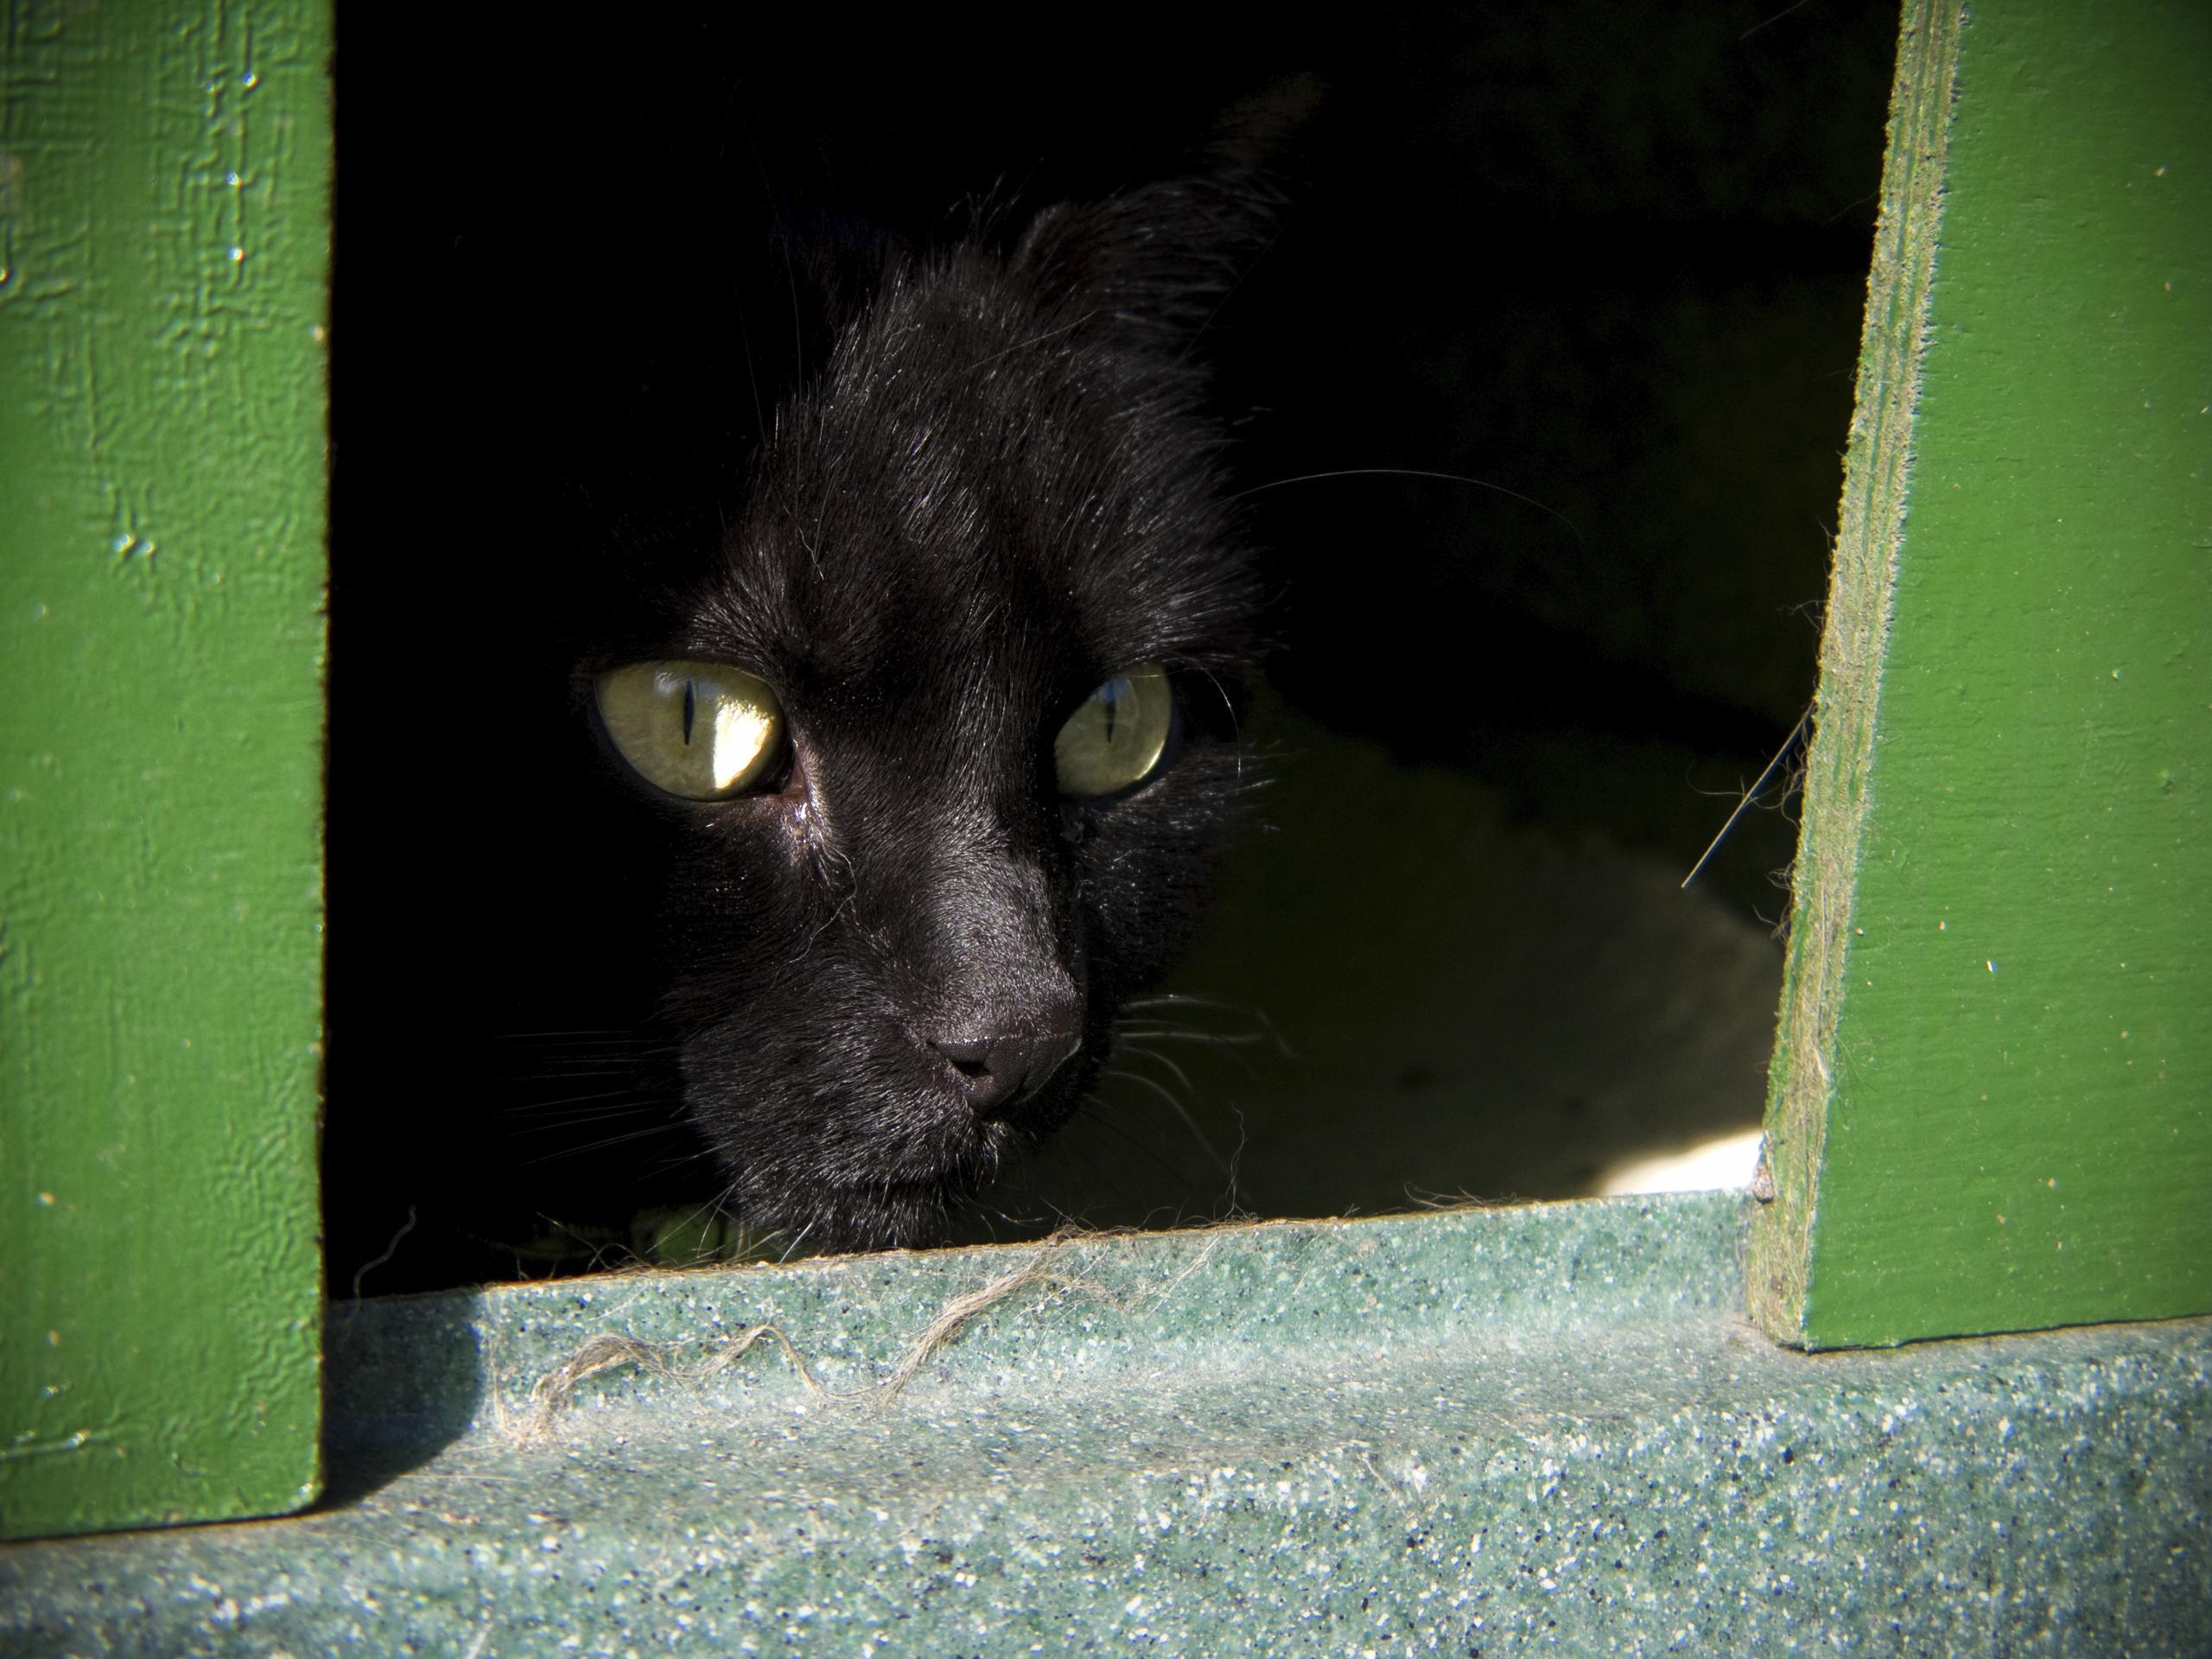 Mal silencioso e sem cura, aids de gato pode matar - Bichos - R7